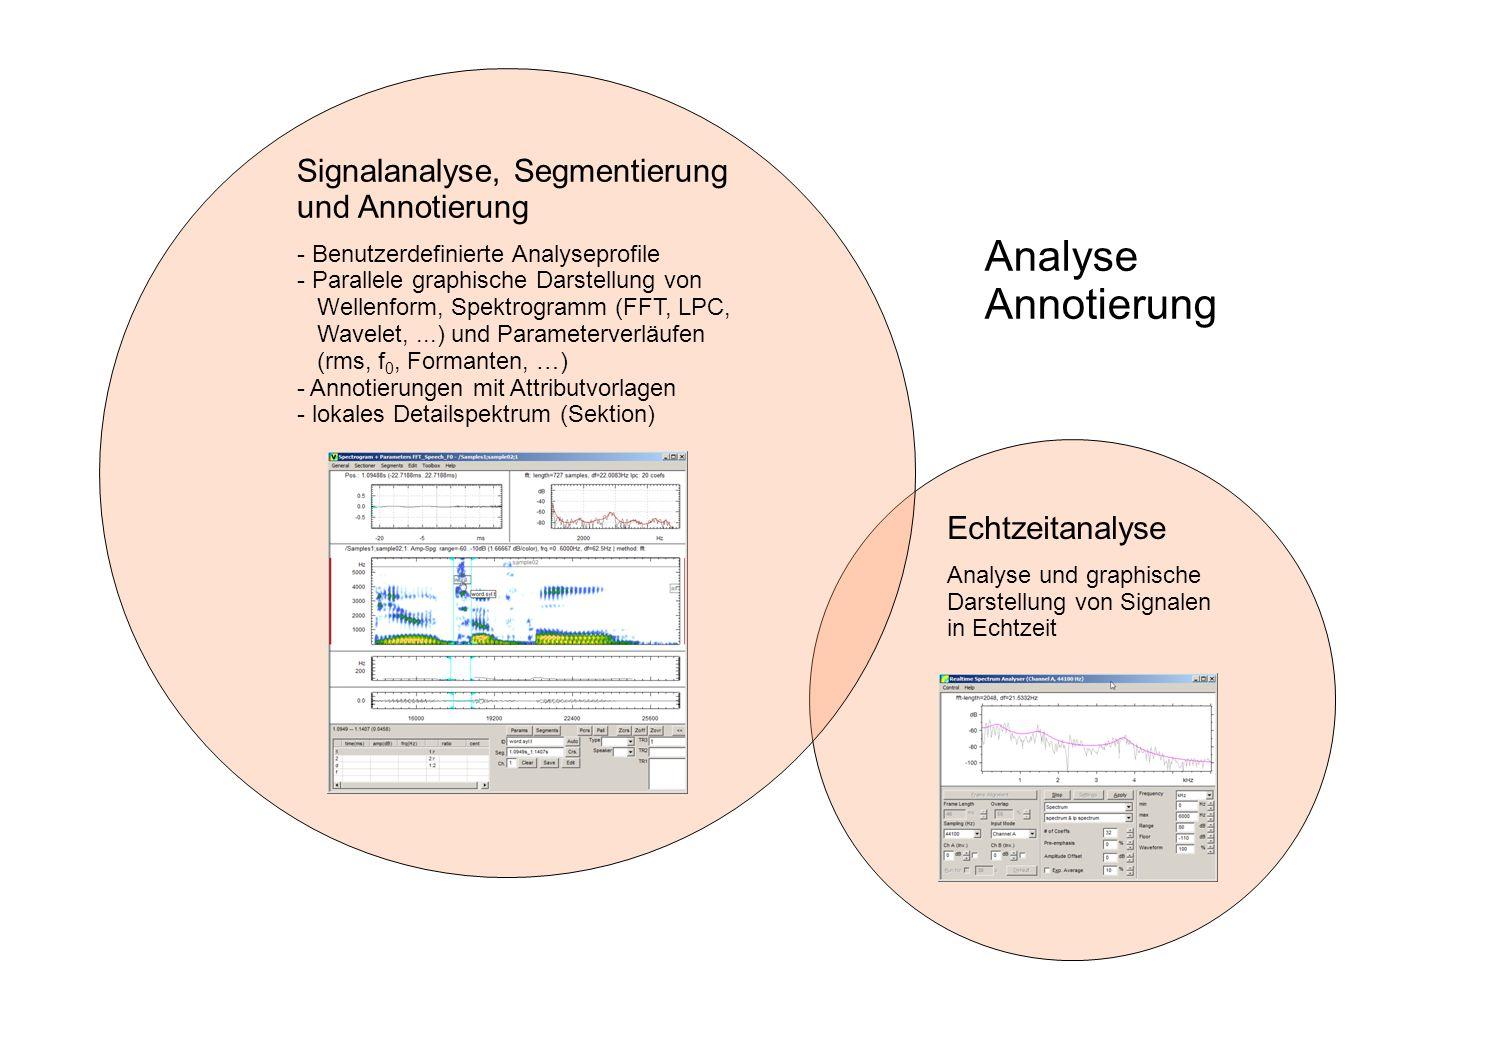 Analyse Annotierung Signalanalyse, Segmentierung und Annotierung